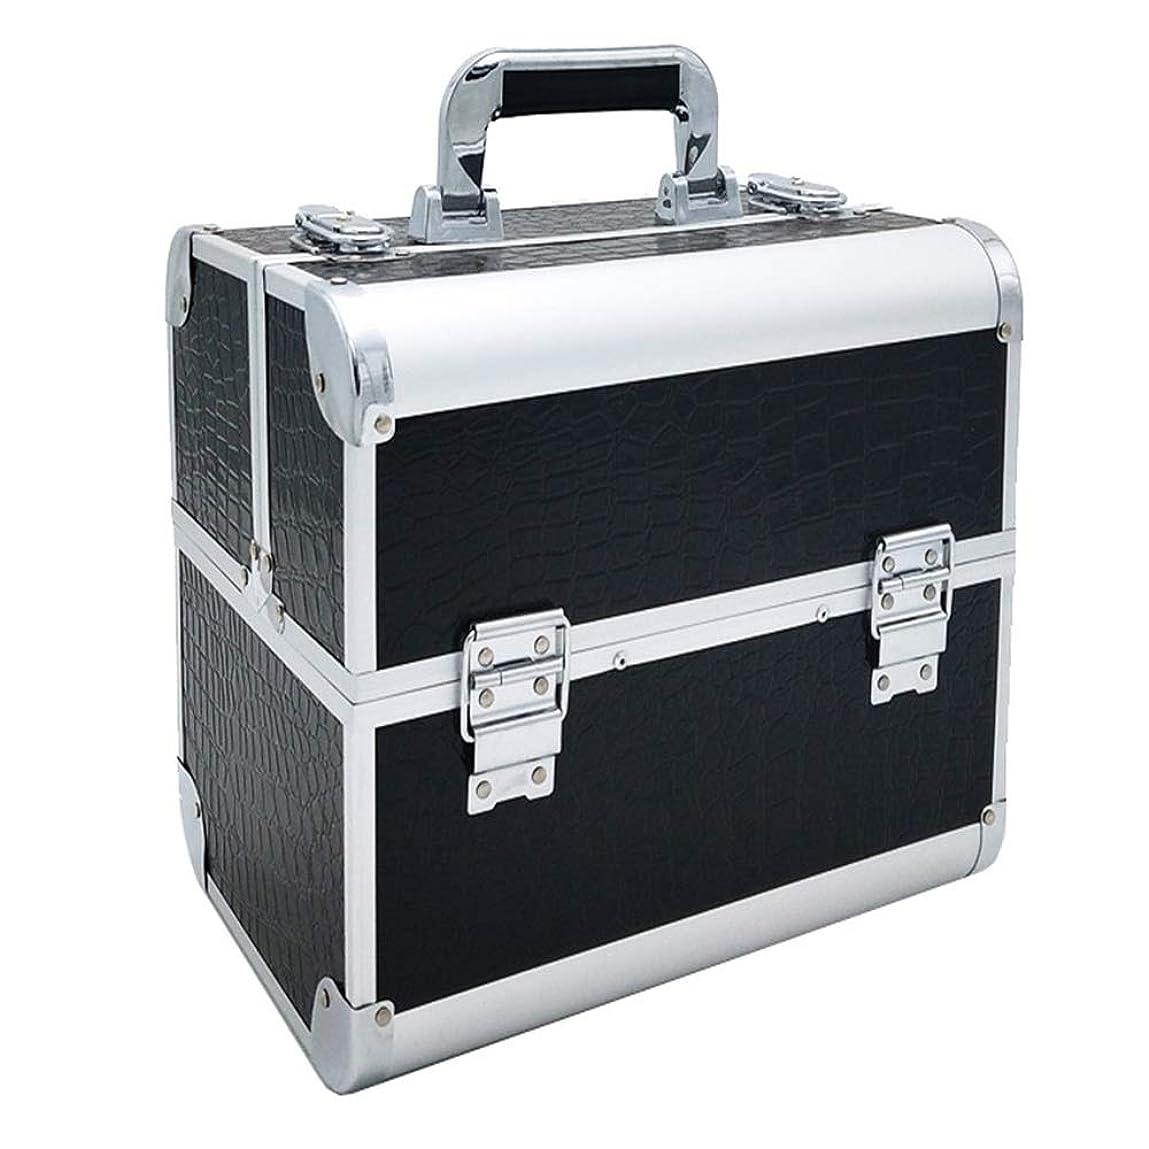 コンプリート織機小道特大スペース収納ビューティーボックス 調節可能なディバイダーが付いている構造の電車箱の専門の化粧品カセット4つの皿および2つのロック黒、ピンク任意。 化粧品化粧台